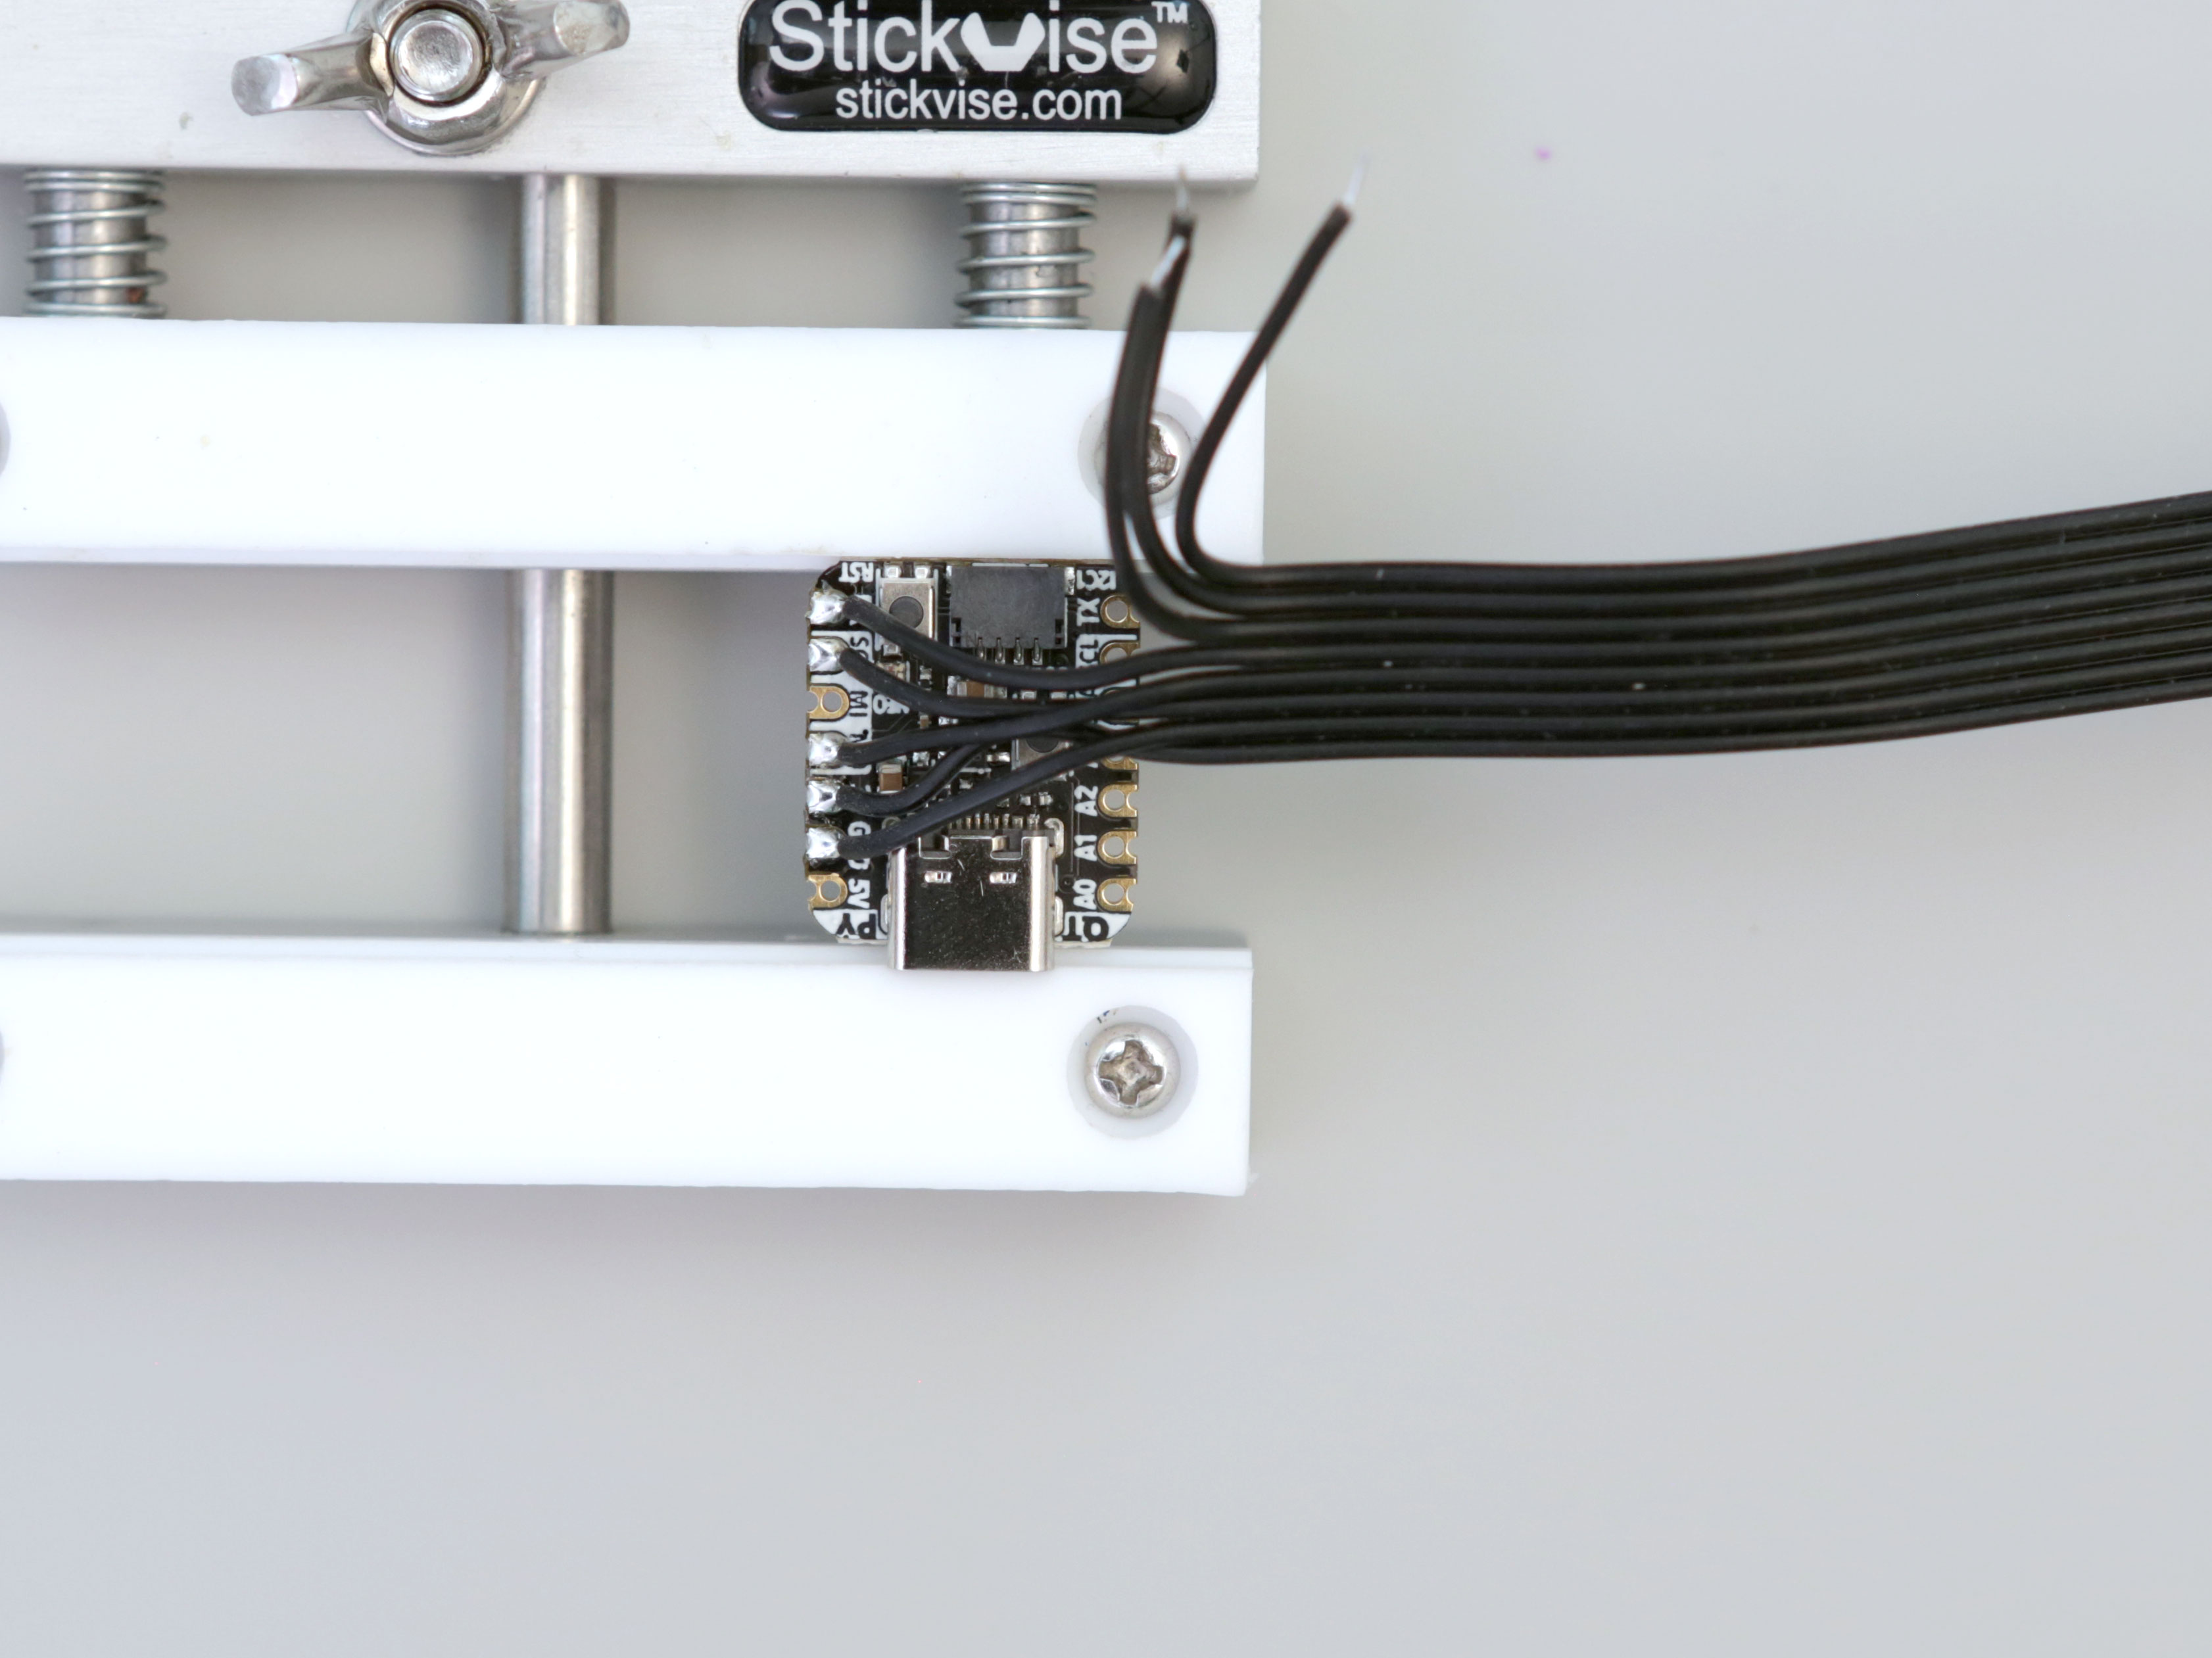 3d_printing_qtpy-tft-wiring-1.jpg